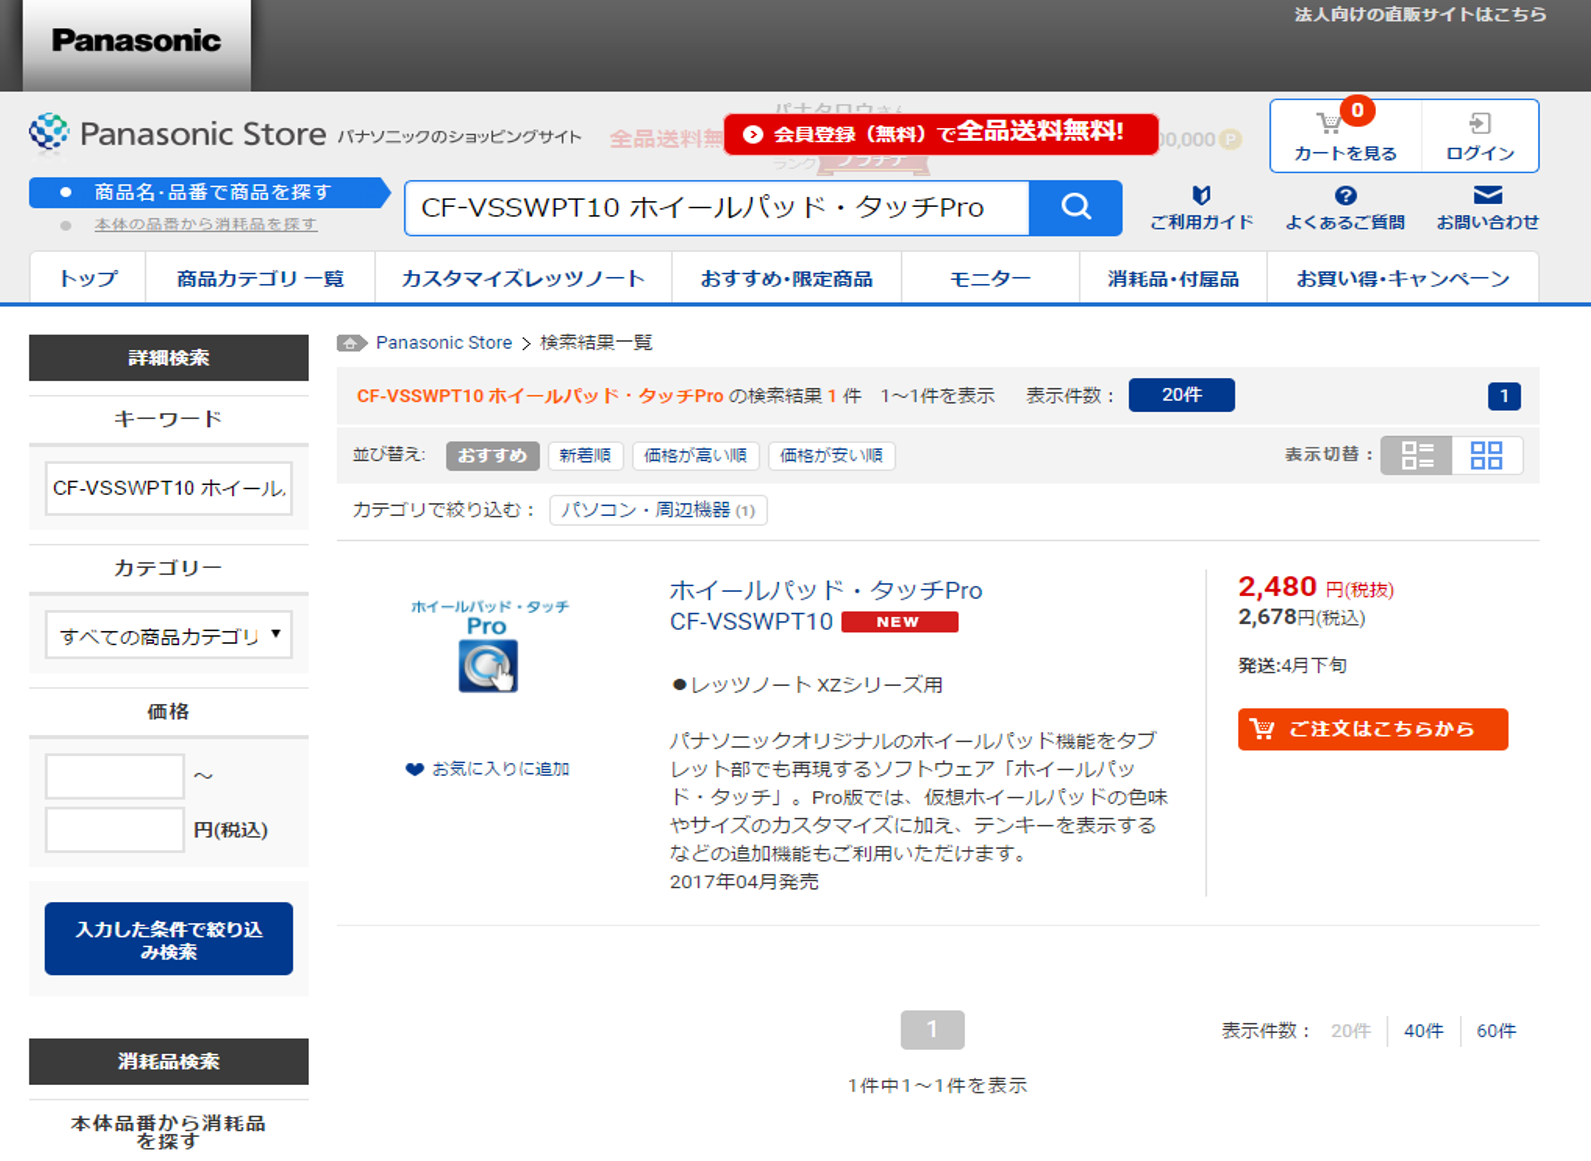 Let's note XZ用のホイールパッド・タッチ Proがパナソニックストアで注文可能に!早速注文してみた!